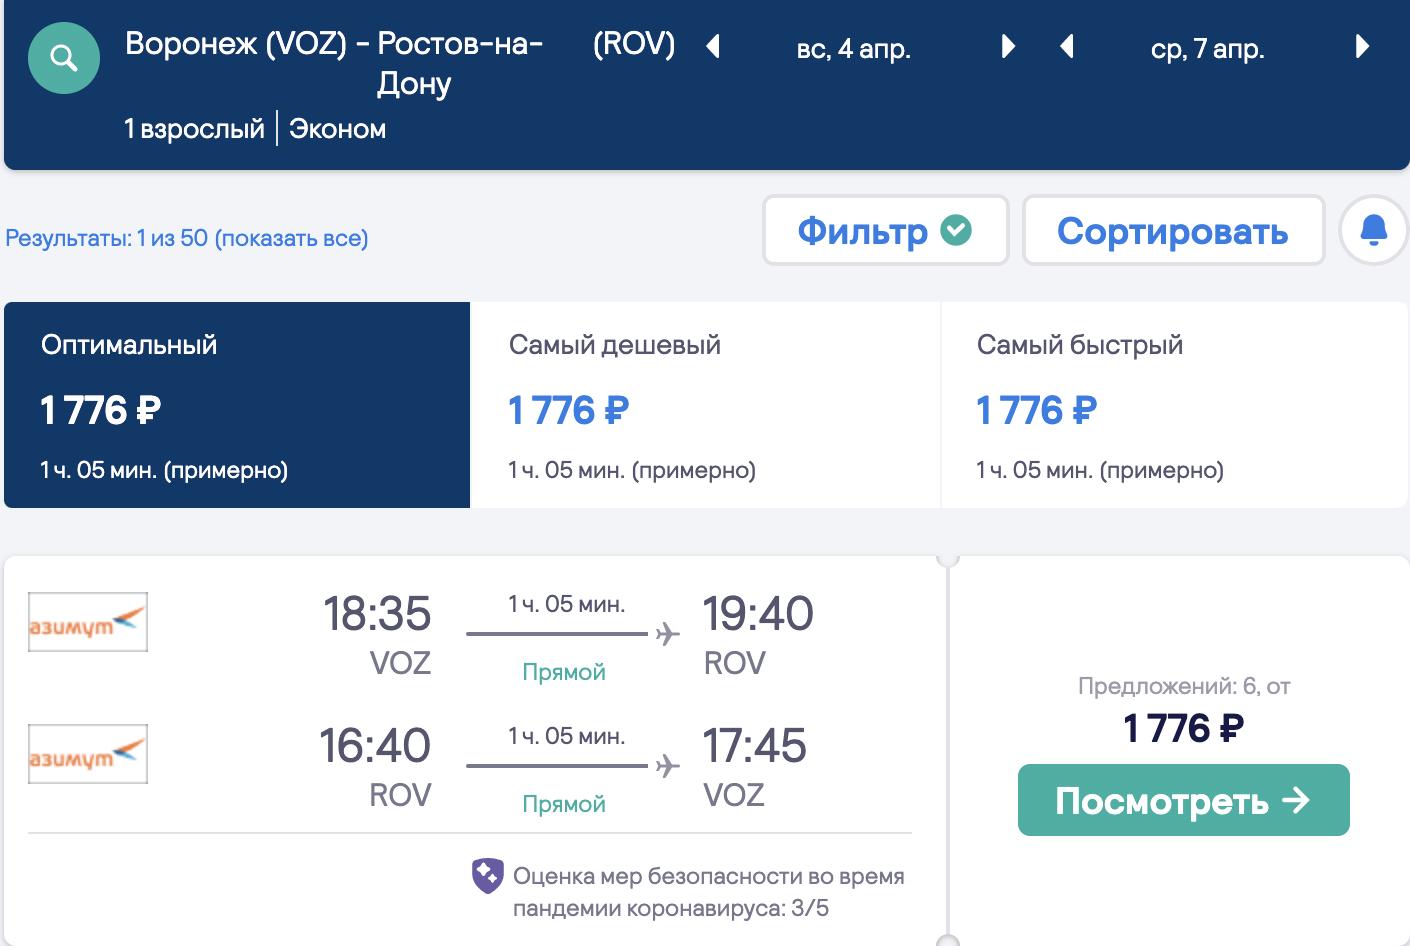 Весь апрель! Летаем из Воронежа в Ростов или наоборот за 1800₽ в обе стороны